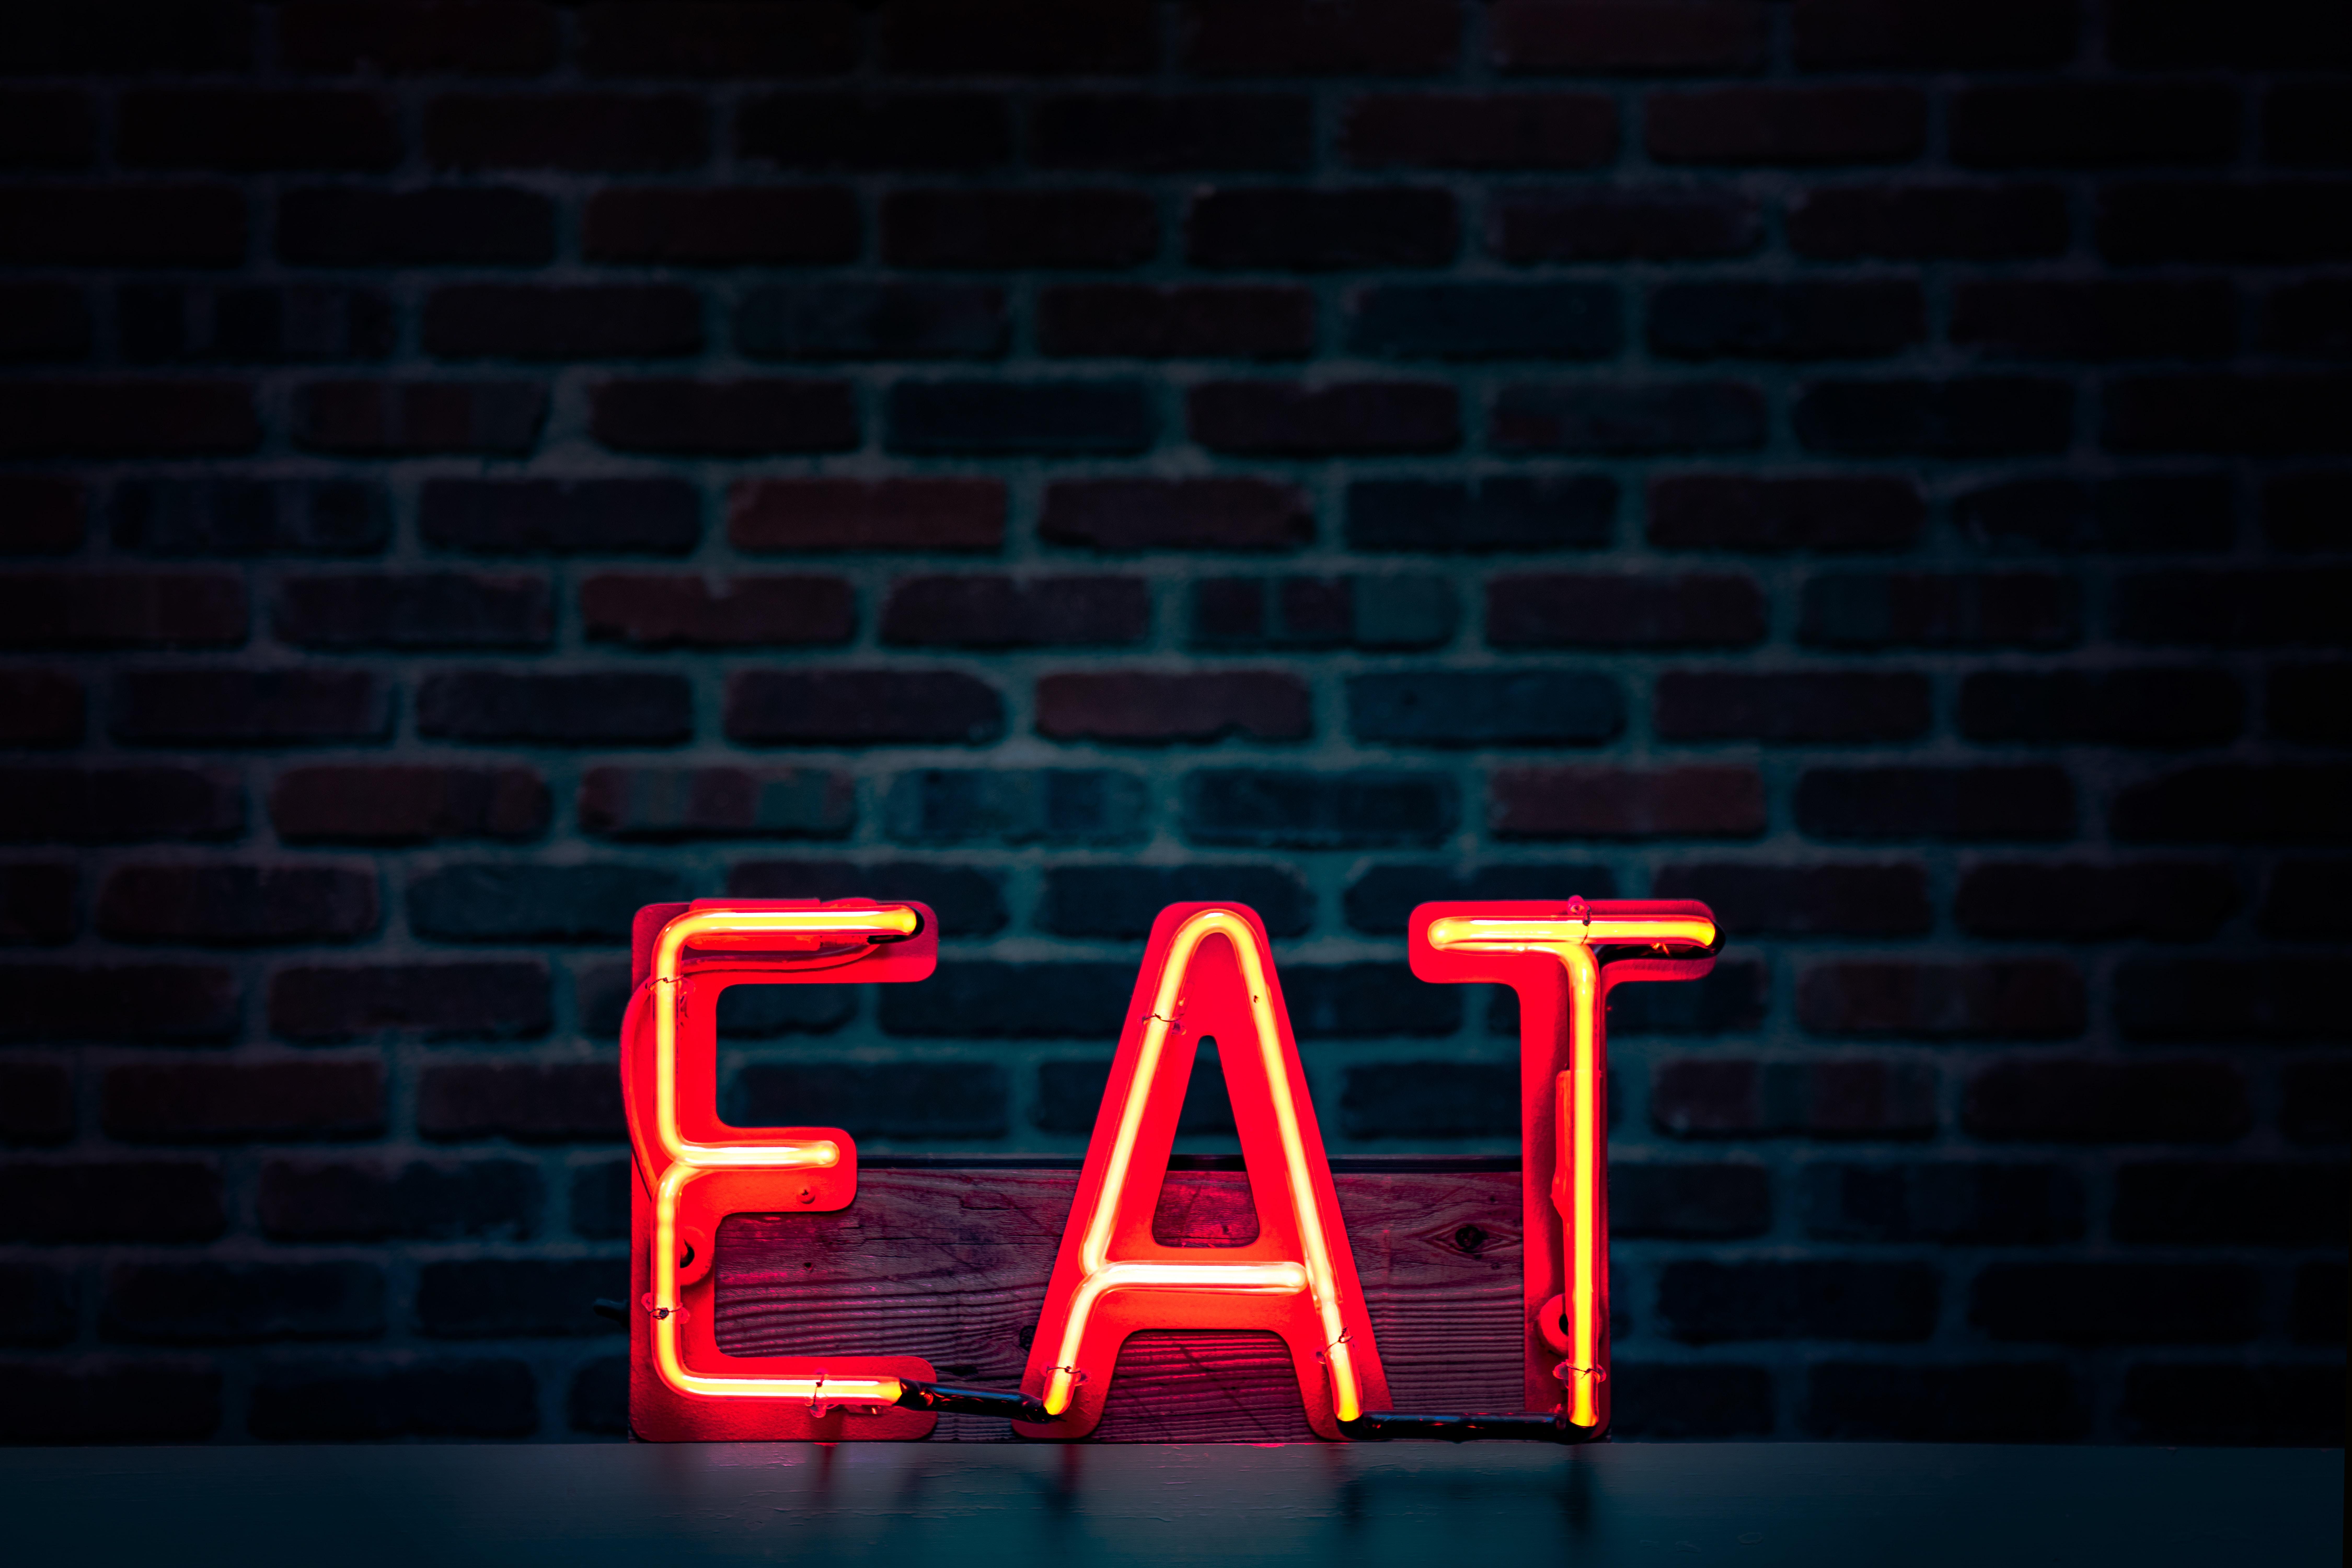 EAT LED signage